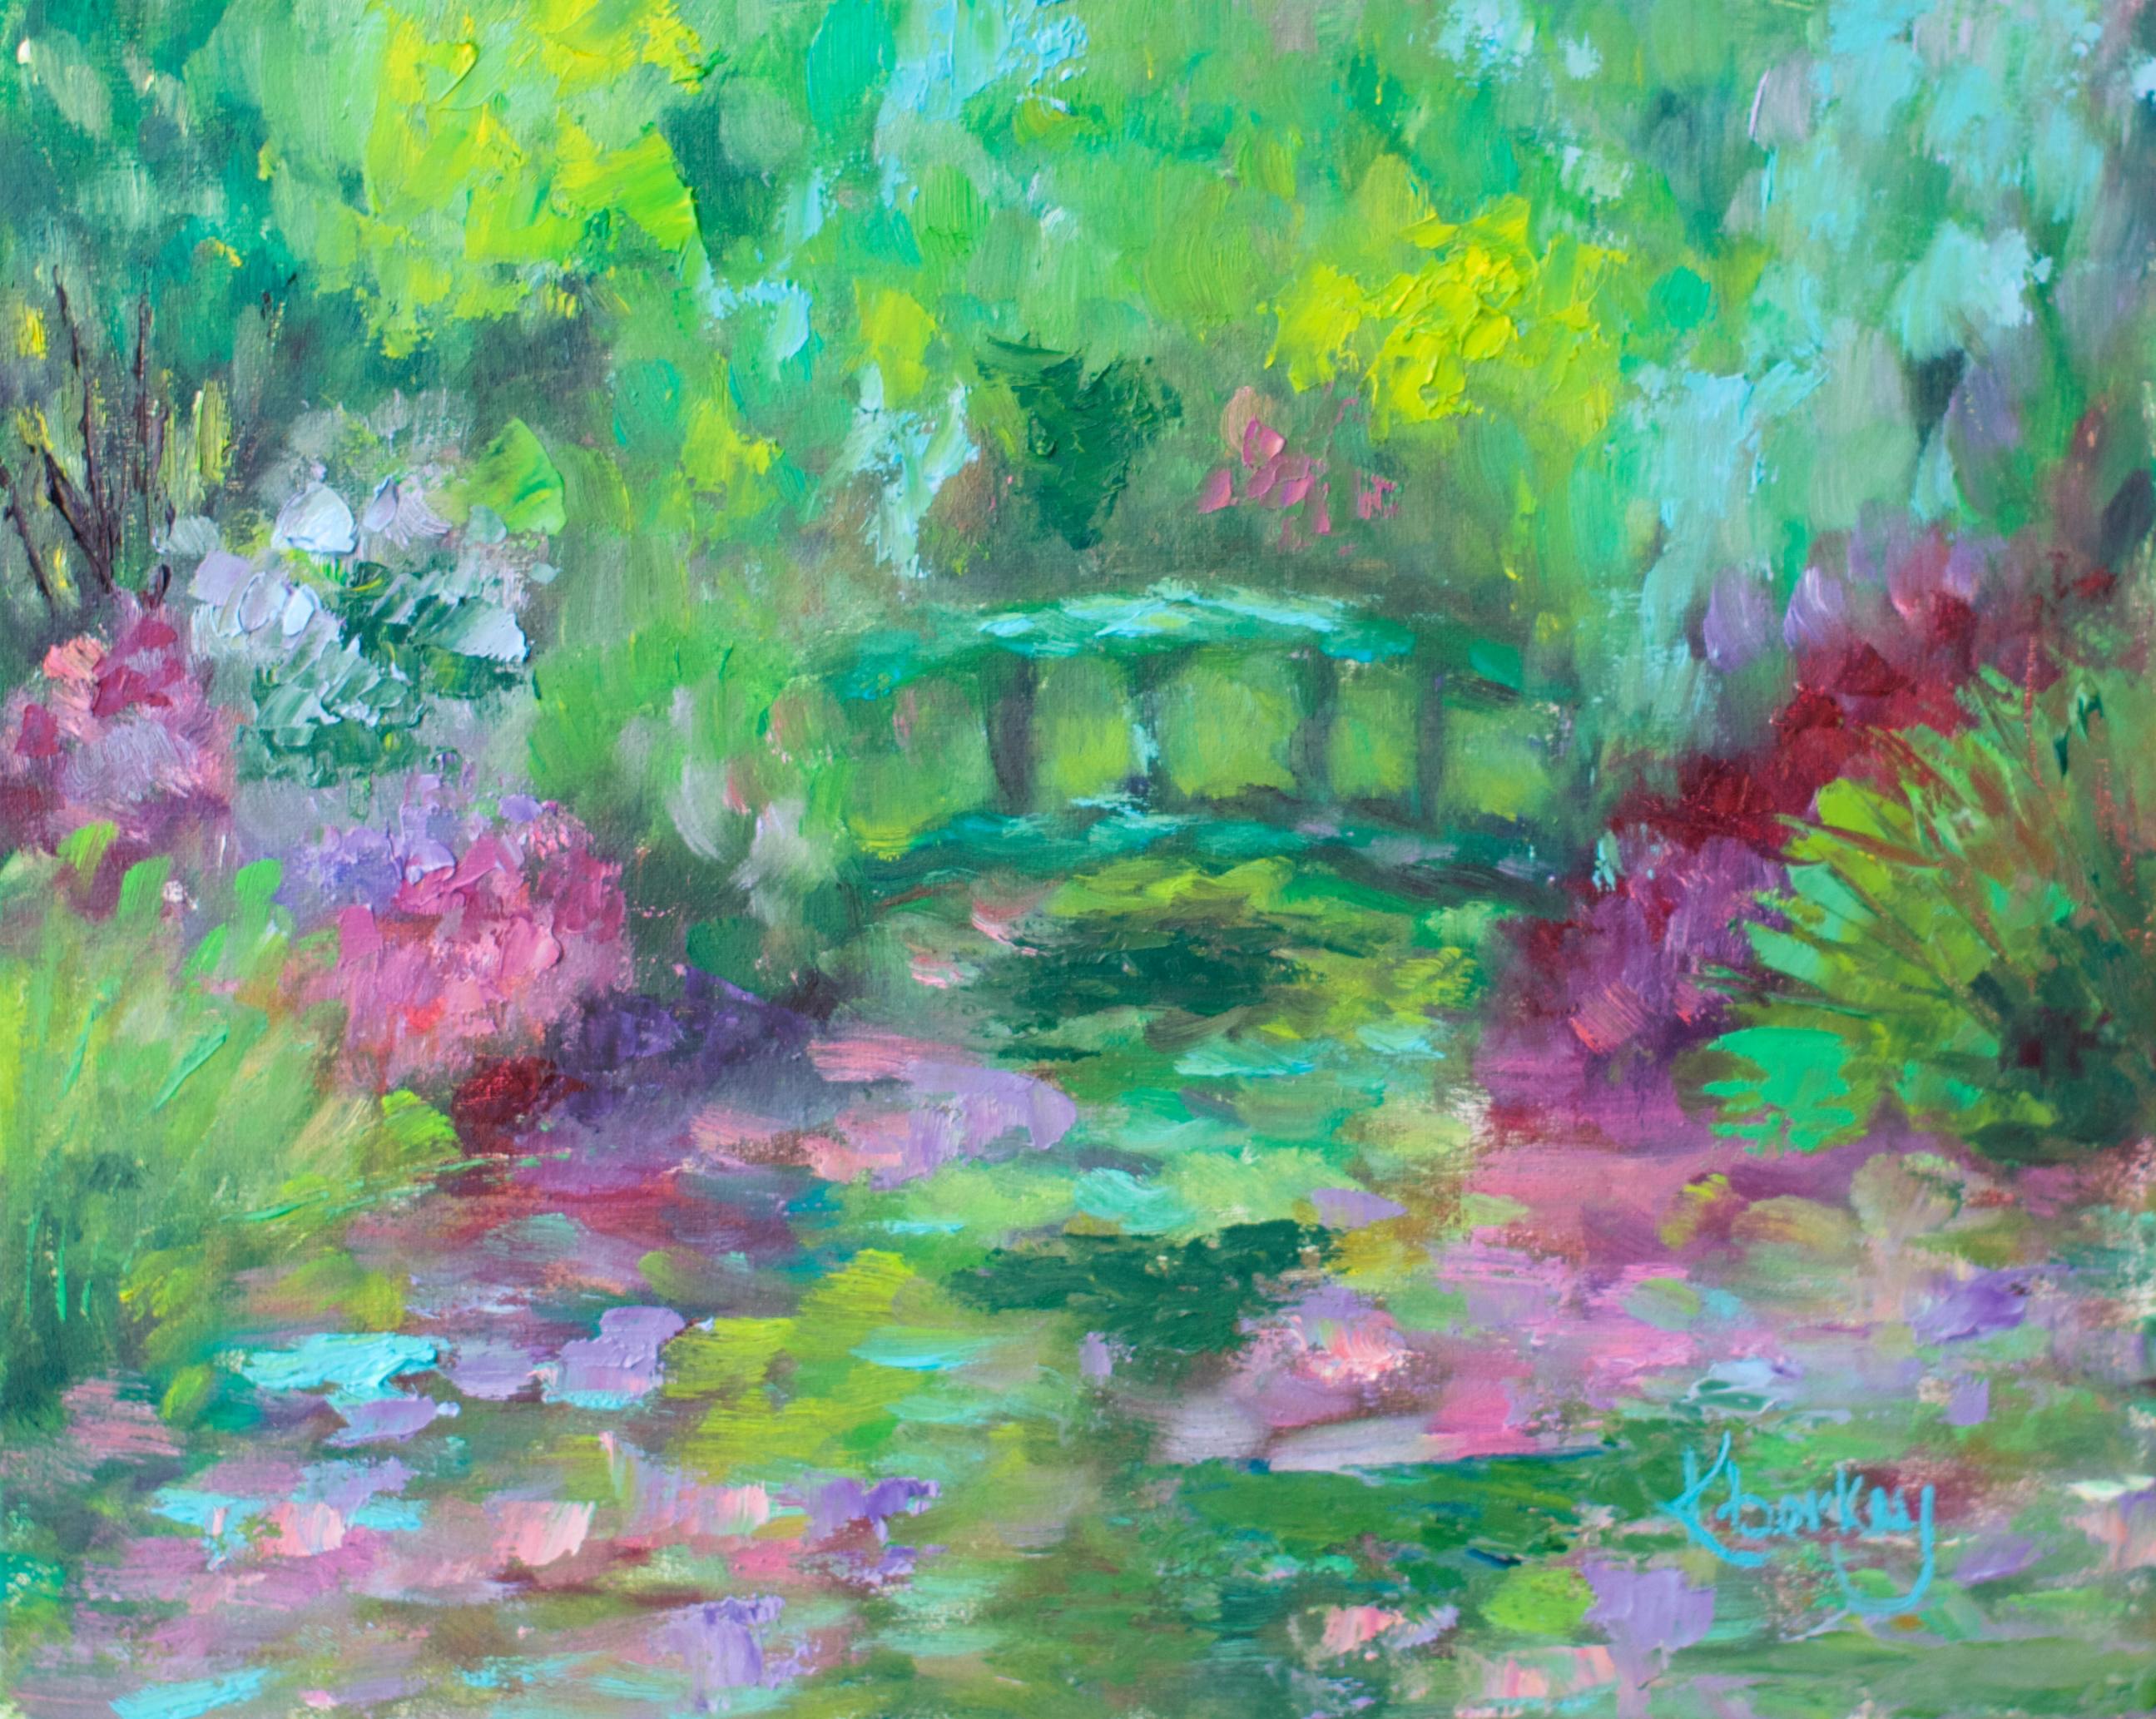 <div class='title'>           Monet-s-Lily-Pond-HR-ehpzrm         </div>